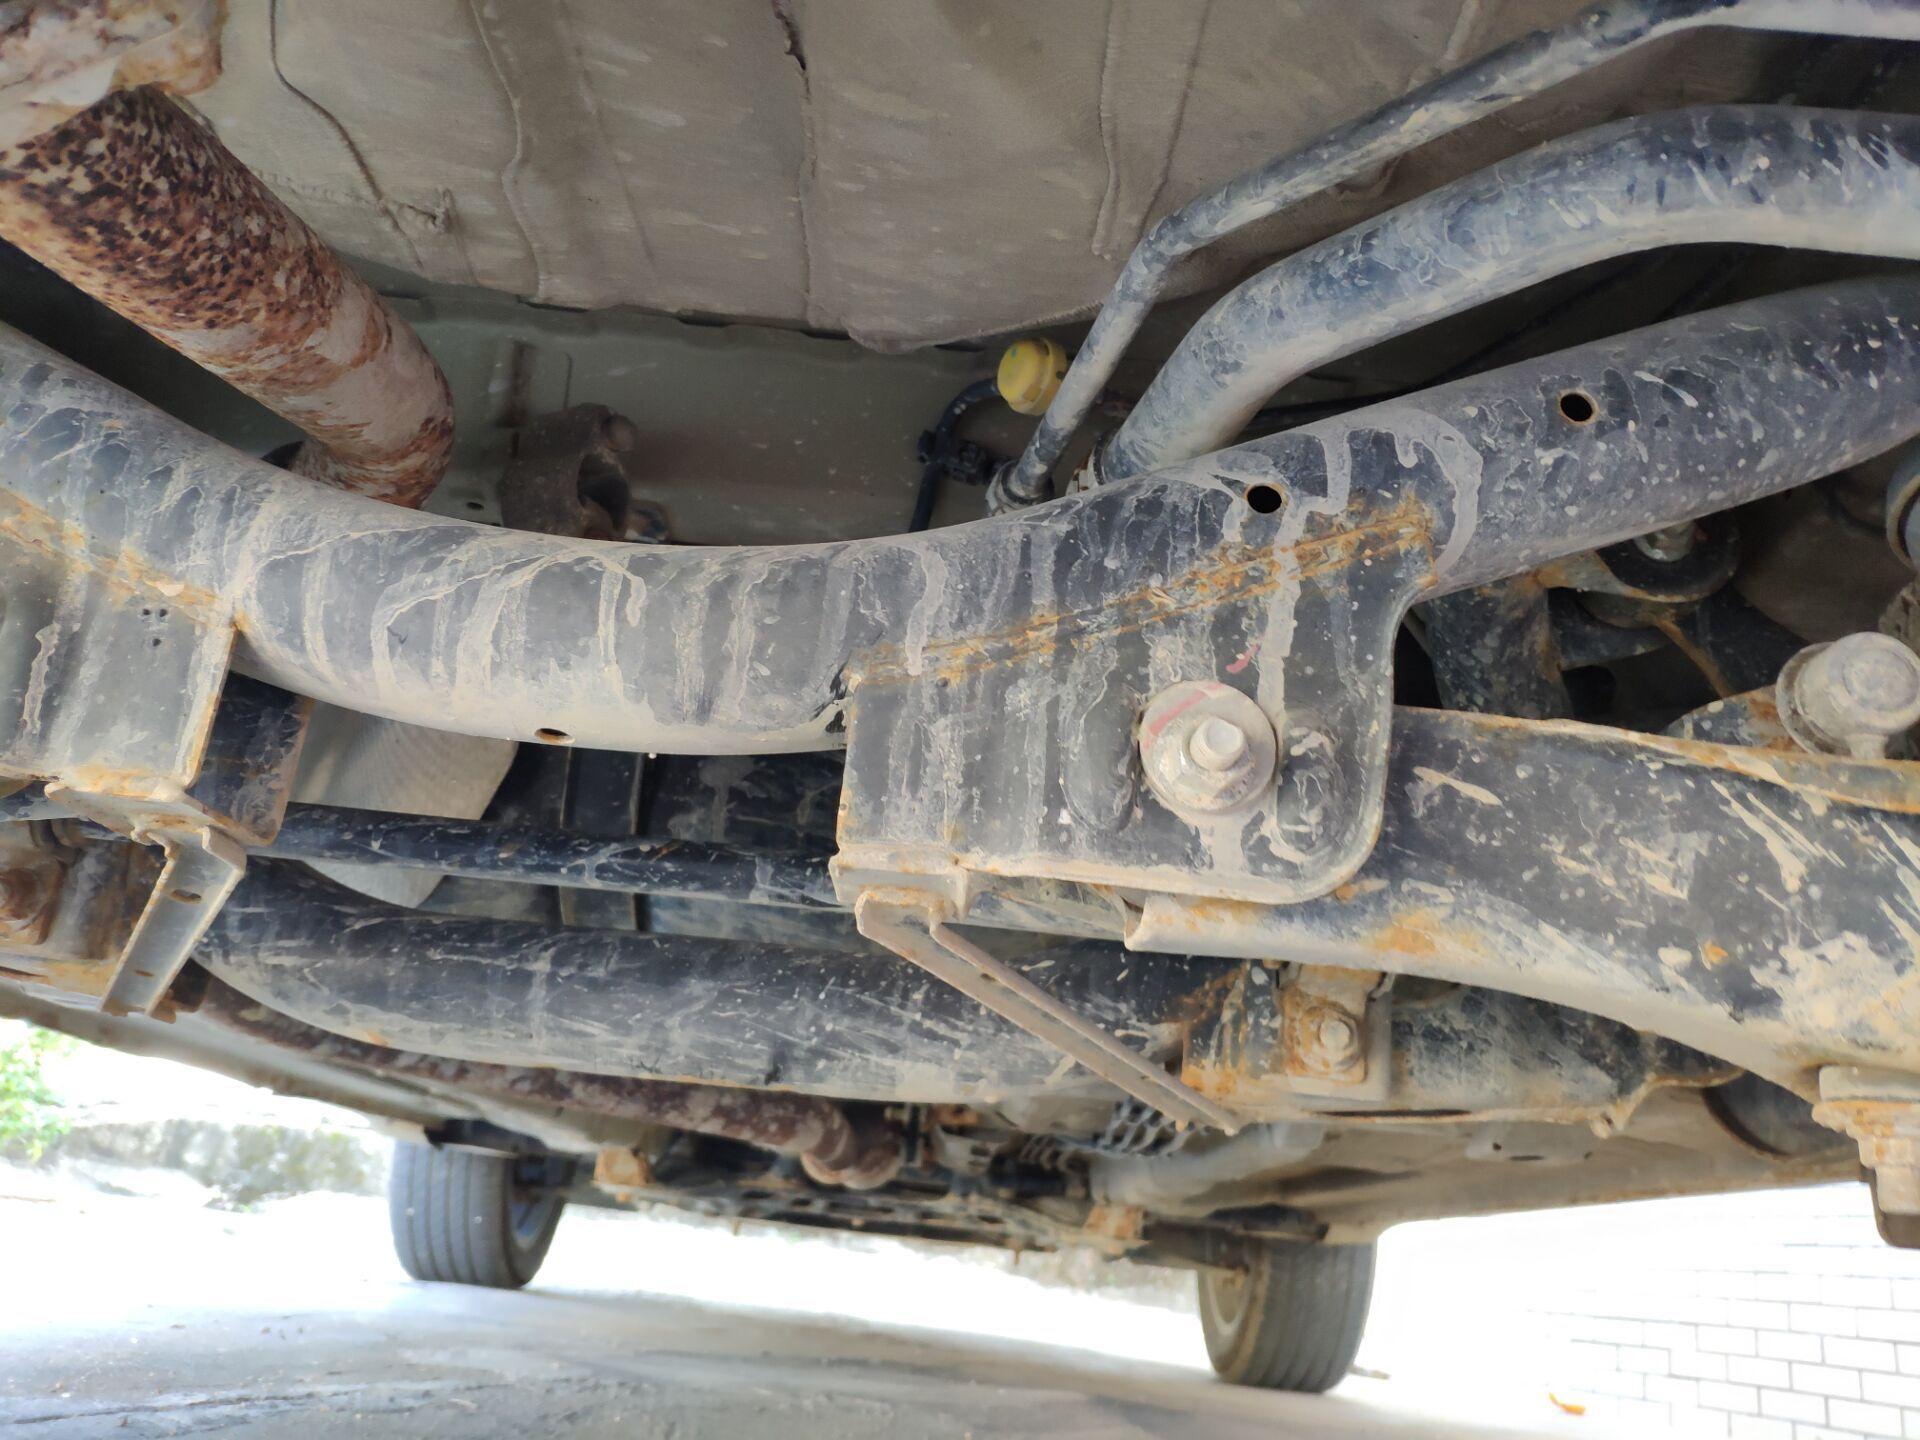 广汽传祺-传祺GS4 购车刚好两年一直在4S店保养,车底竟然生锈腐蚀严重